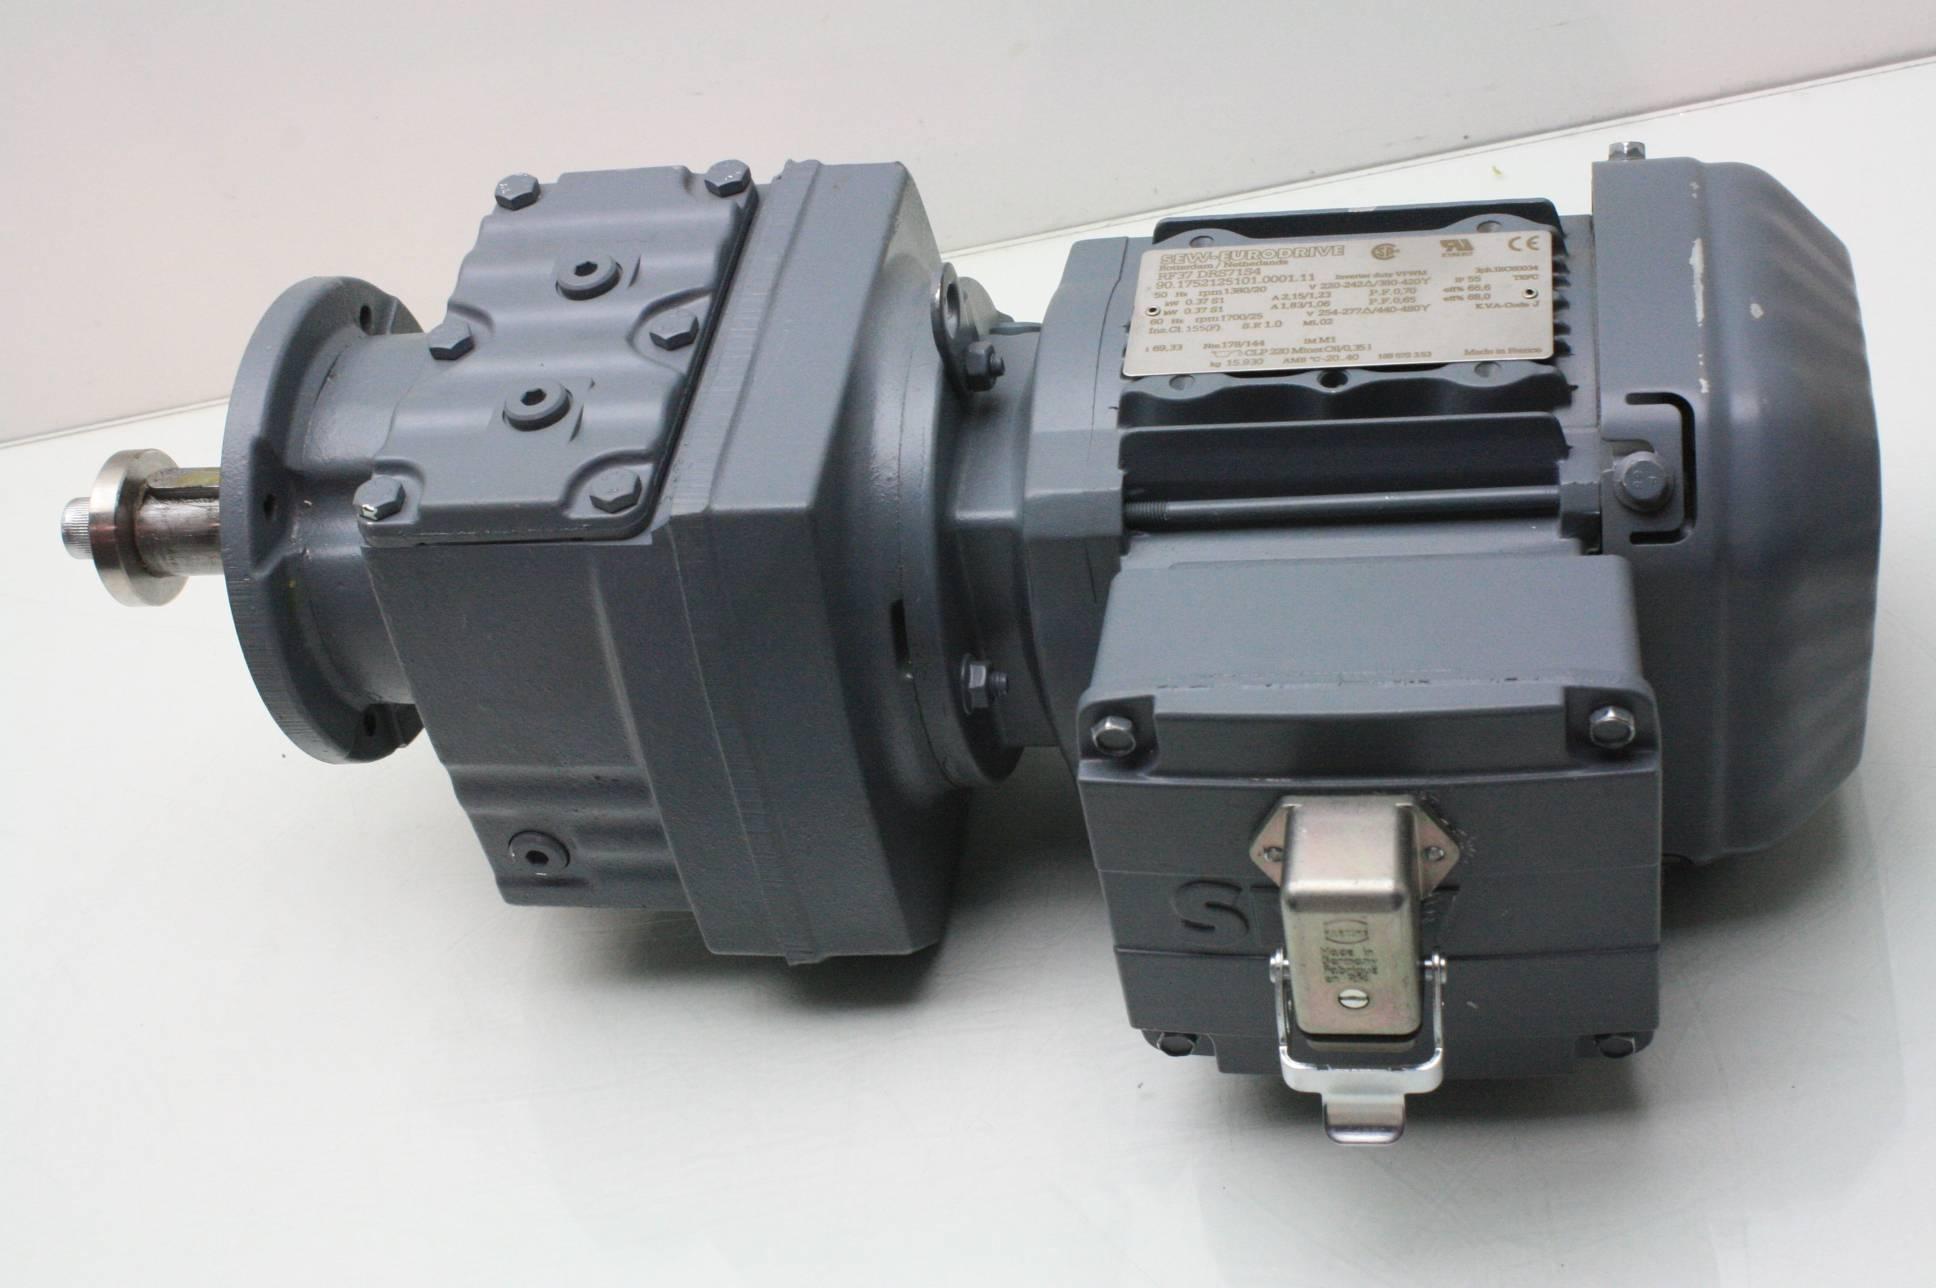 Sew Eurodrive Rf37 Drs71s4 Inverter Duty Helical Gear